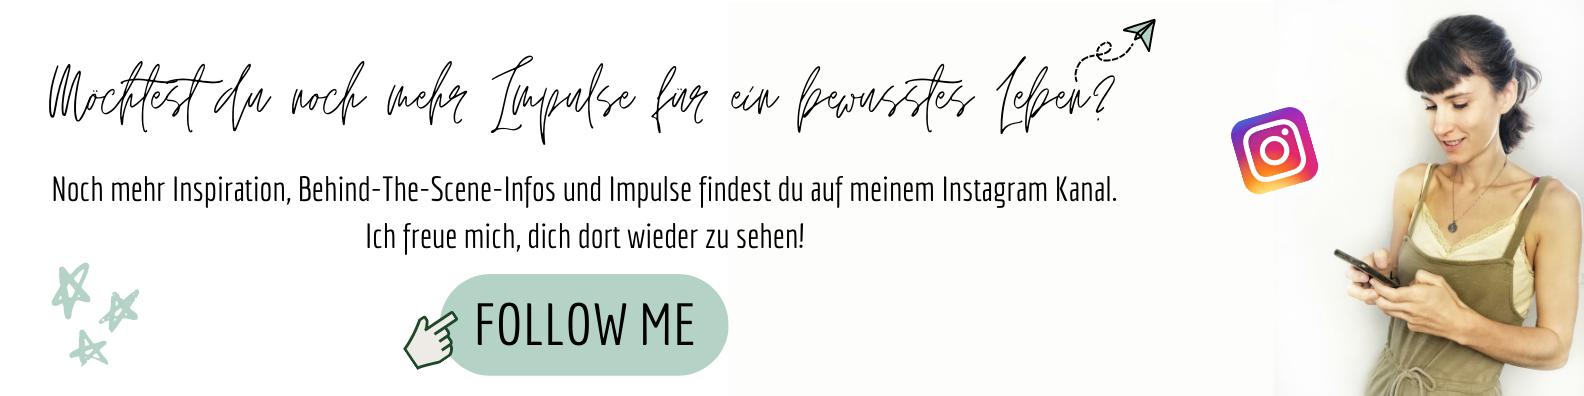 Reise zu mir selbst - Instagram